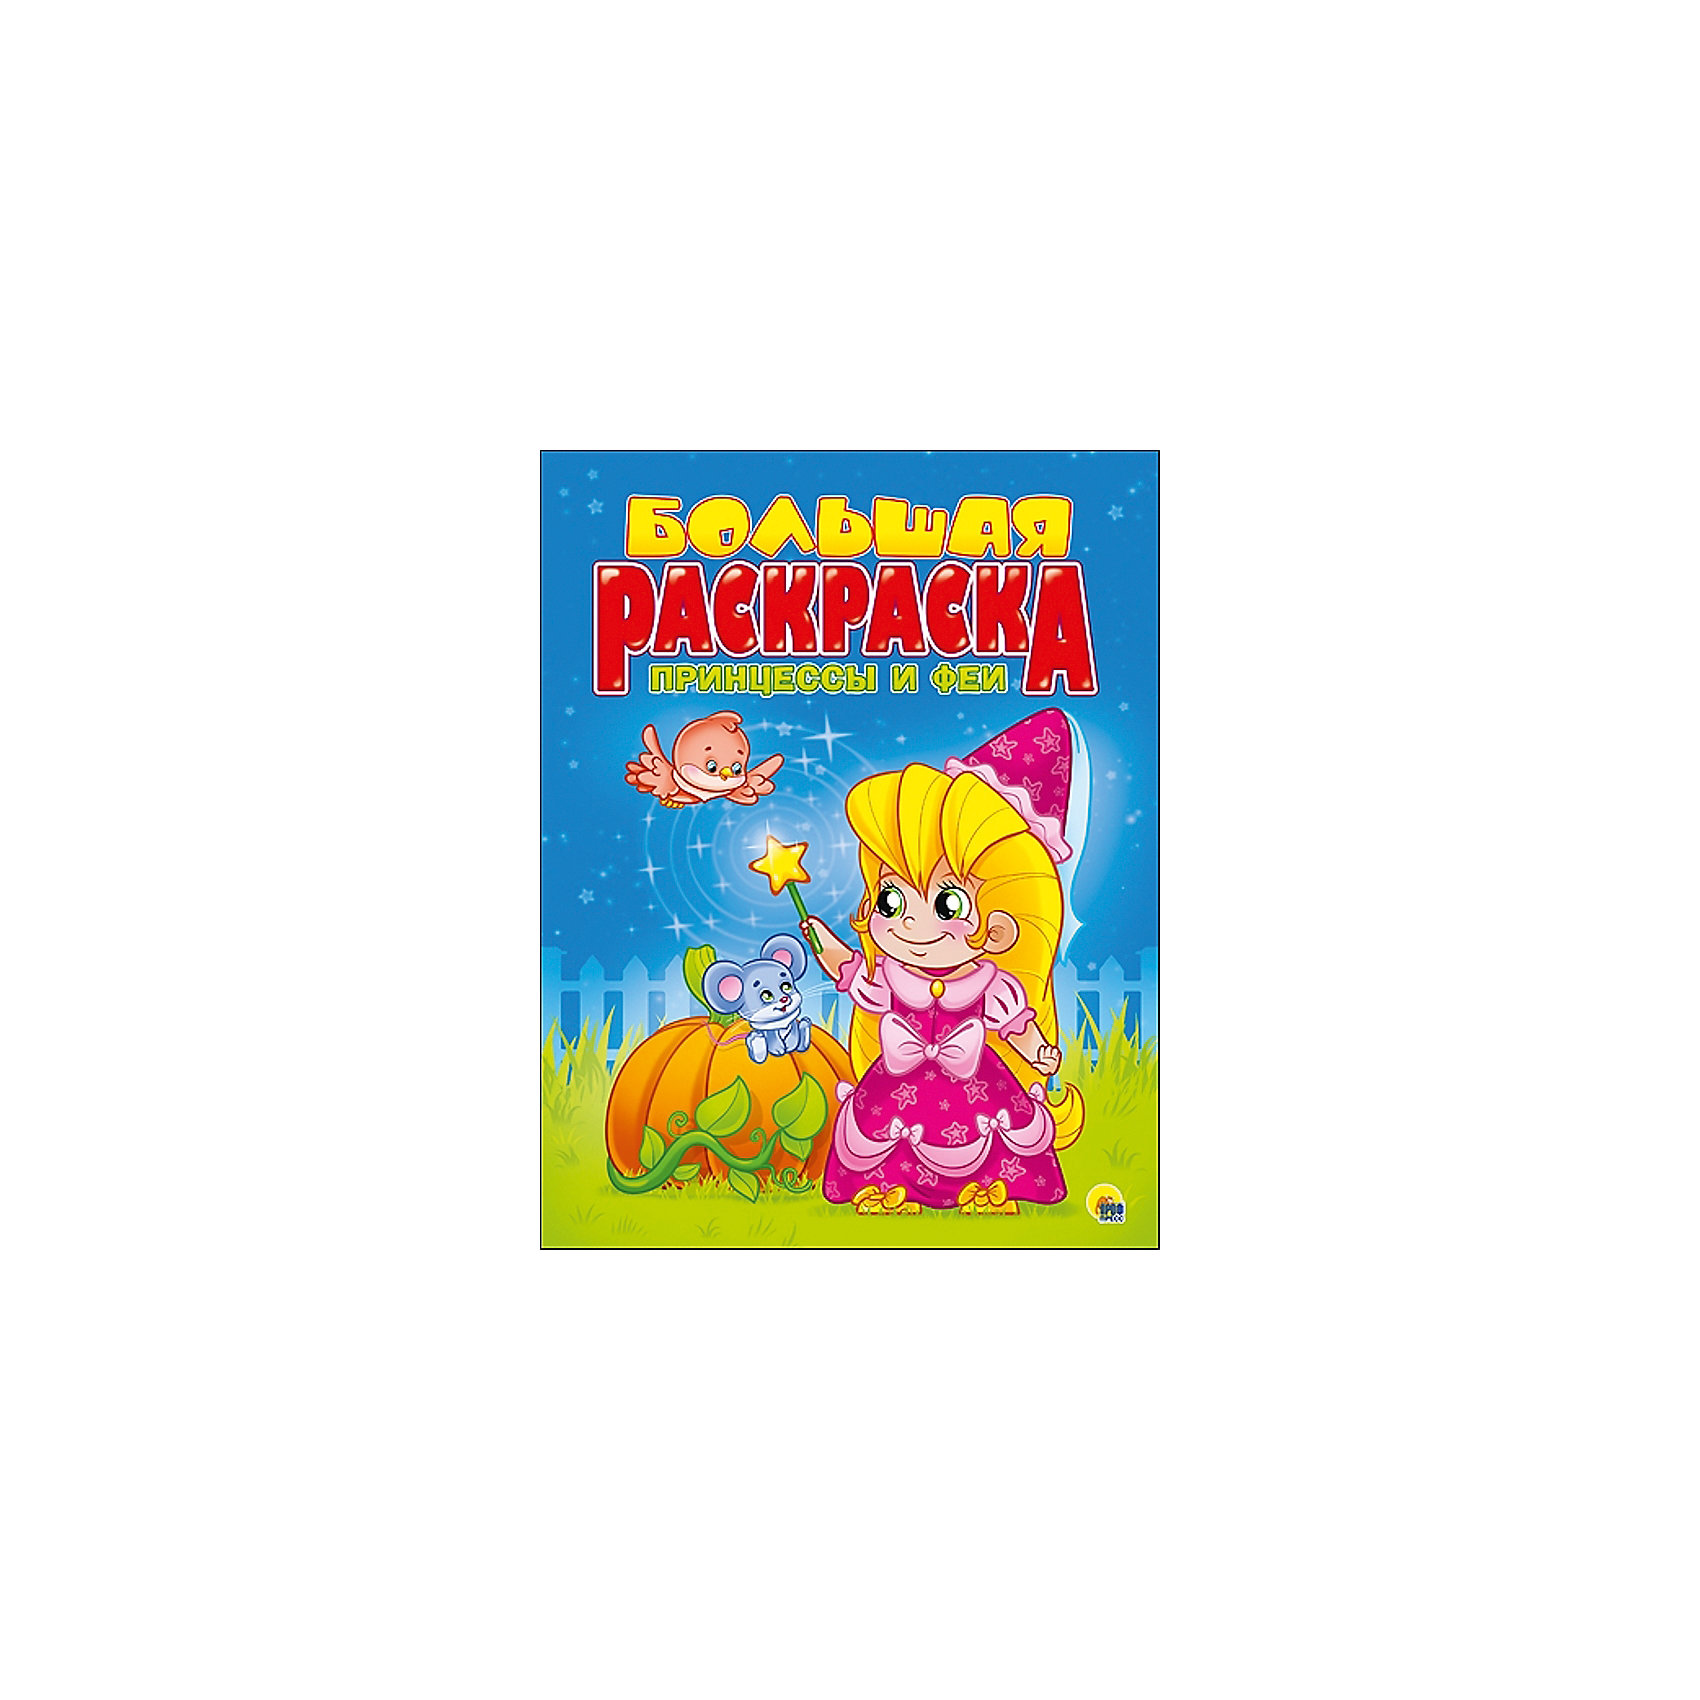 Большая раскраска Принцессы и феиРисование<br>Книжки-раскраски помогают детям познавать мир и учиться многим вещам, а также позволяют ребенку весело проводить время. Эти издания стимулируют развитие воображения, логики и творческого мышления.<br>Данная раскраска содержит множество картинок, которые можно наполнить красками по своему усмотрению! Такое занятие обязательно понравится малышам и позволит надолго занять непоседу!<br>  <br>Дополнительная информация:<br><br>страниц: 48; <br>размер:  22х29 см;<br>вес: 126 г.<br><br>Большую раскраску Принцессы и феи от издательства Проф-Пресс можно купить в нашем магазине.<br><br>Ширина мм: 200<br>Глубина мм: 3<br>Высота мм: 260<br>Вес г: 126<br>Возраст от месяцев: 36<br>Возраст до месяцев: 72<br>Пол: Женский<br>Возраст: Детский<br>SKU: 4787217